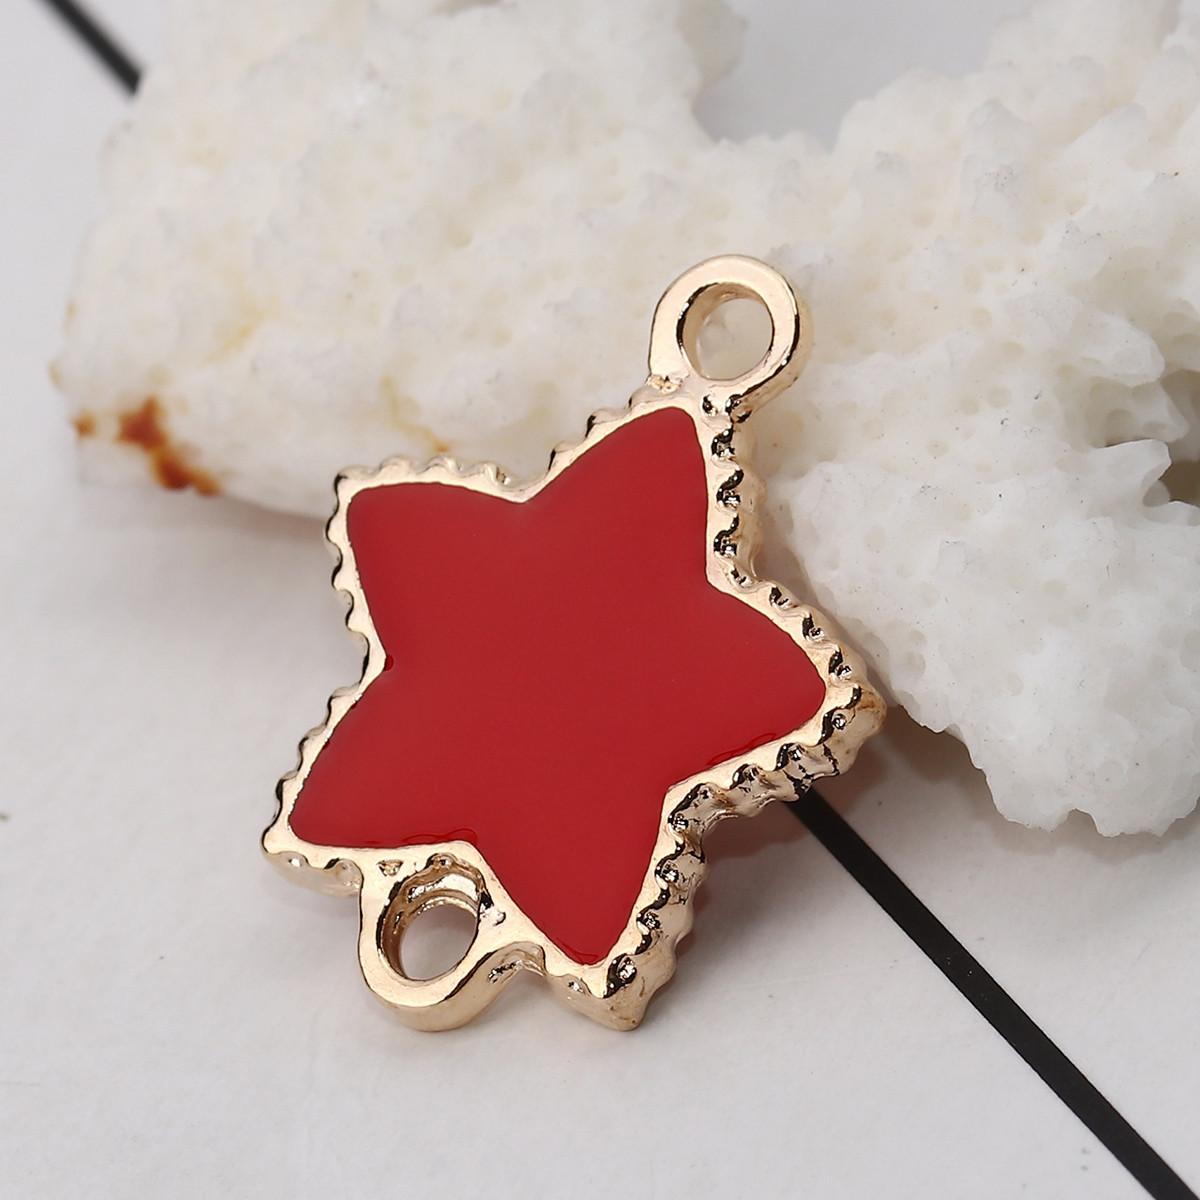 Коннектор, Звезда, Цинковый сплав, Цвет: золото, красная эмаль, 24 мм x 19 мм